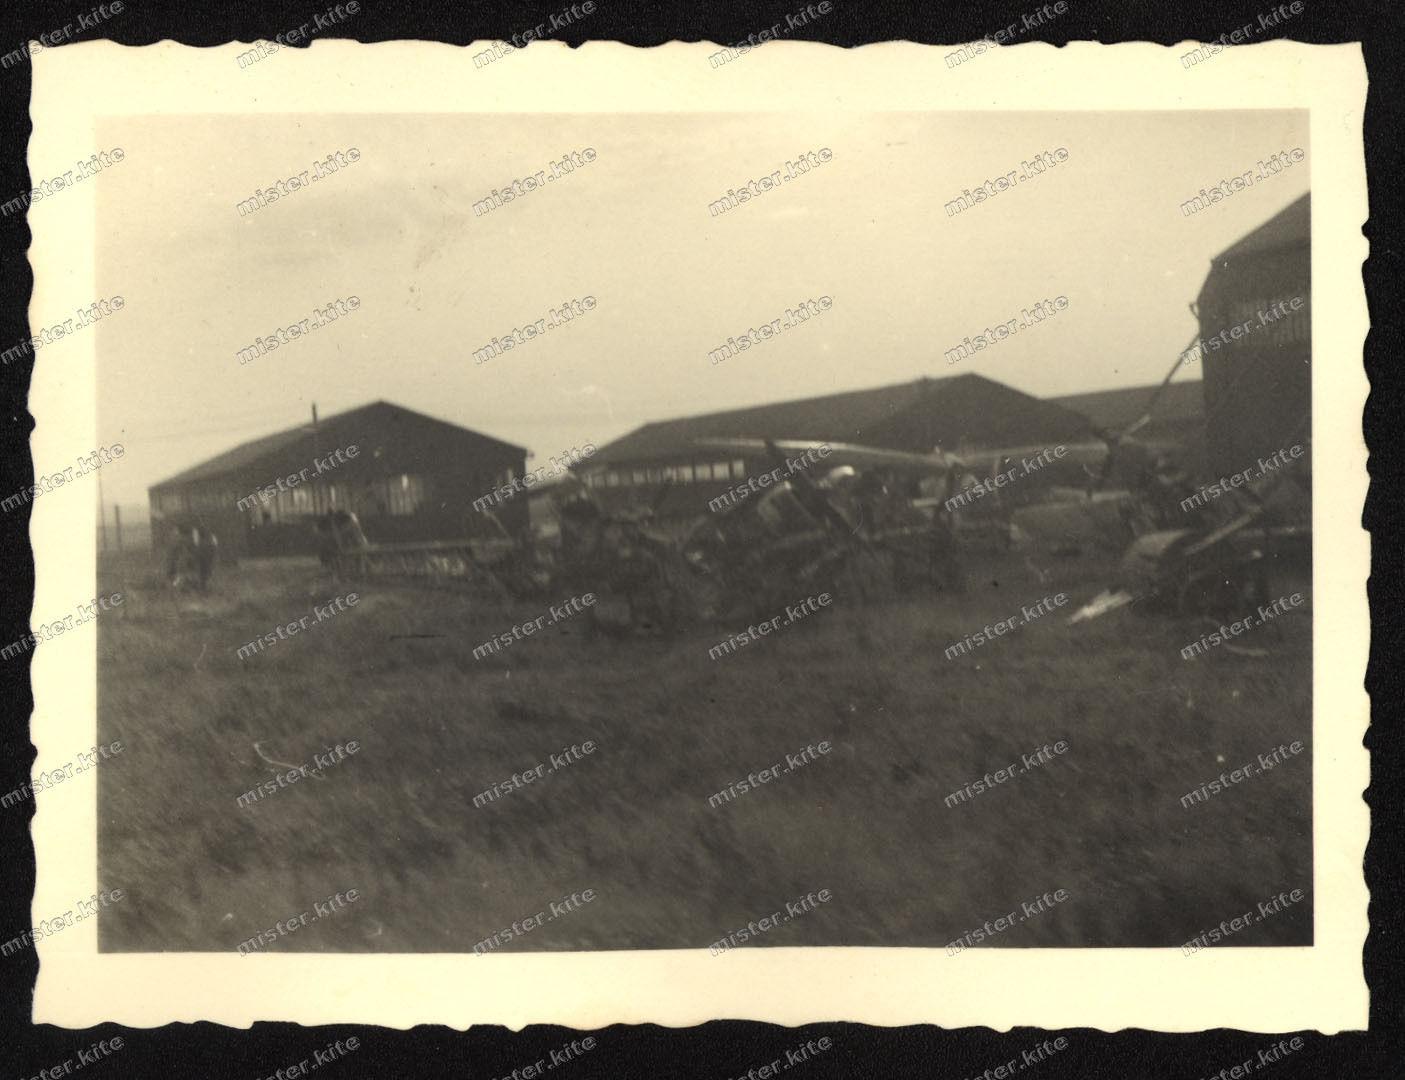 Aérodrome d'Amiens juin 1940